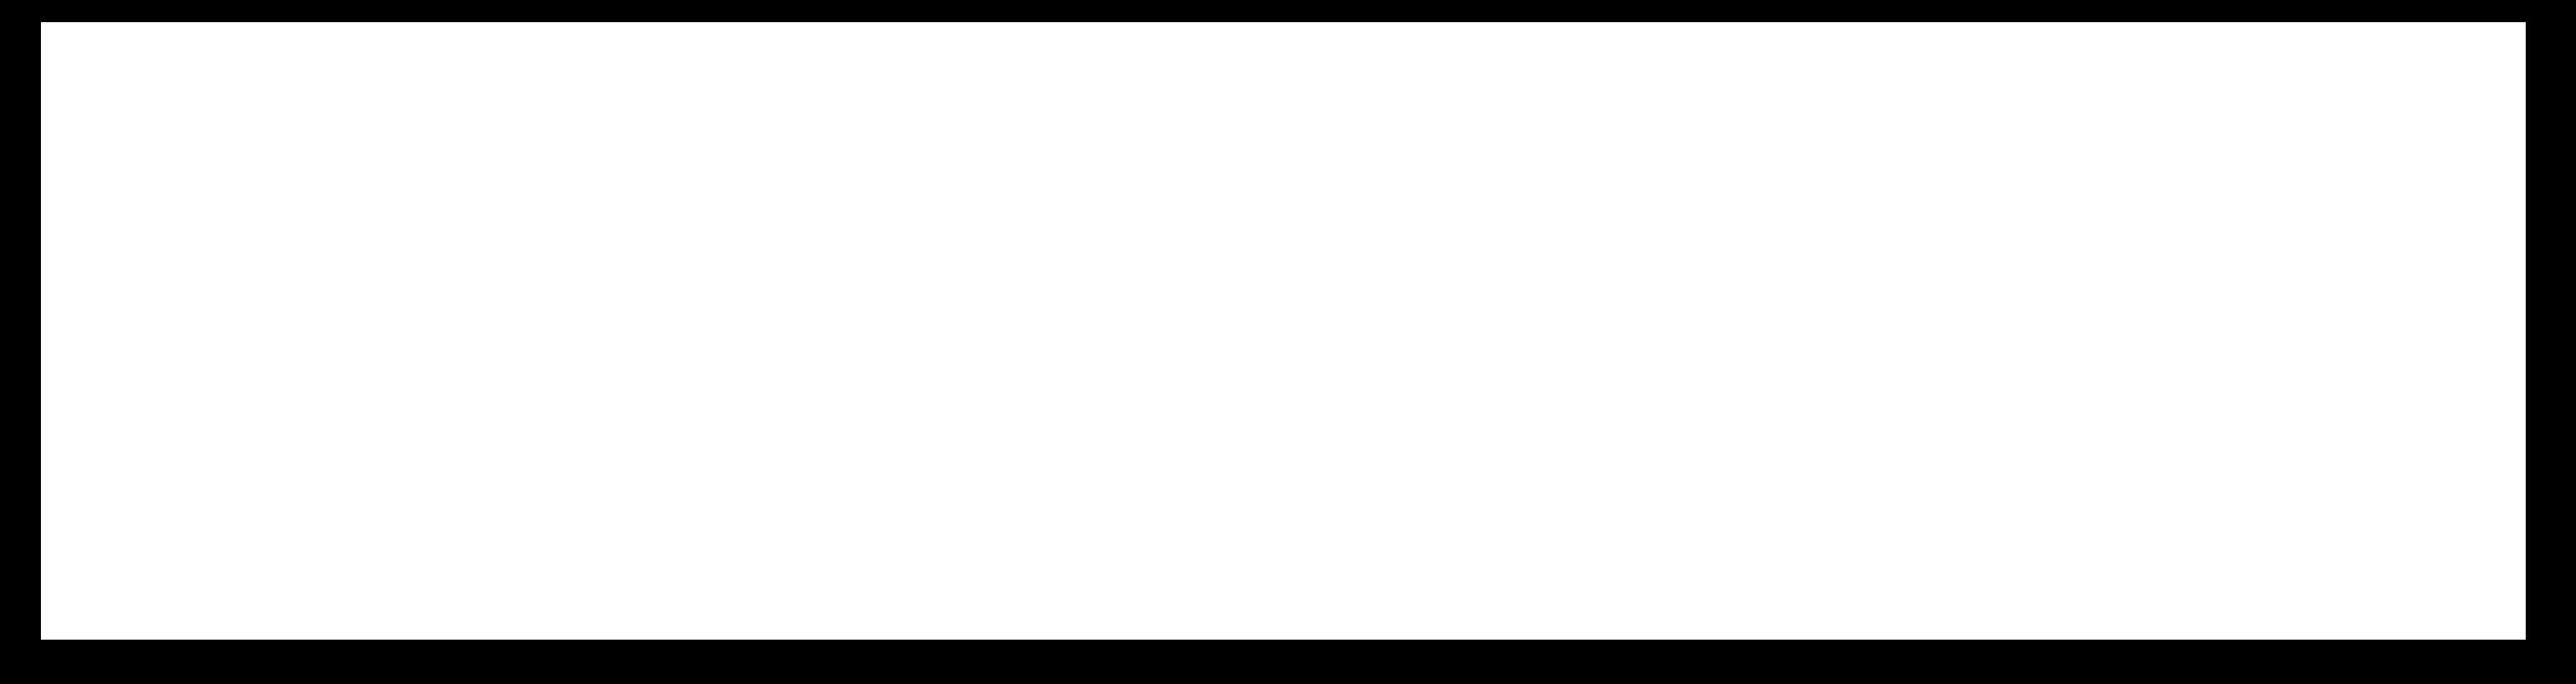 Timsco Graphics